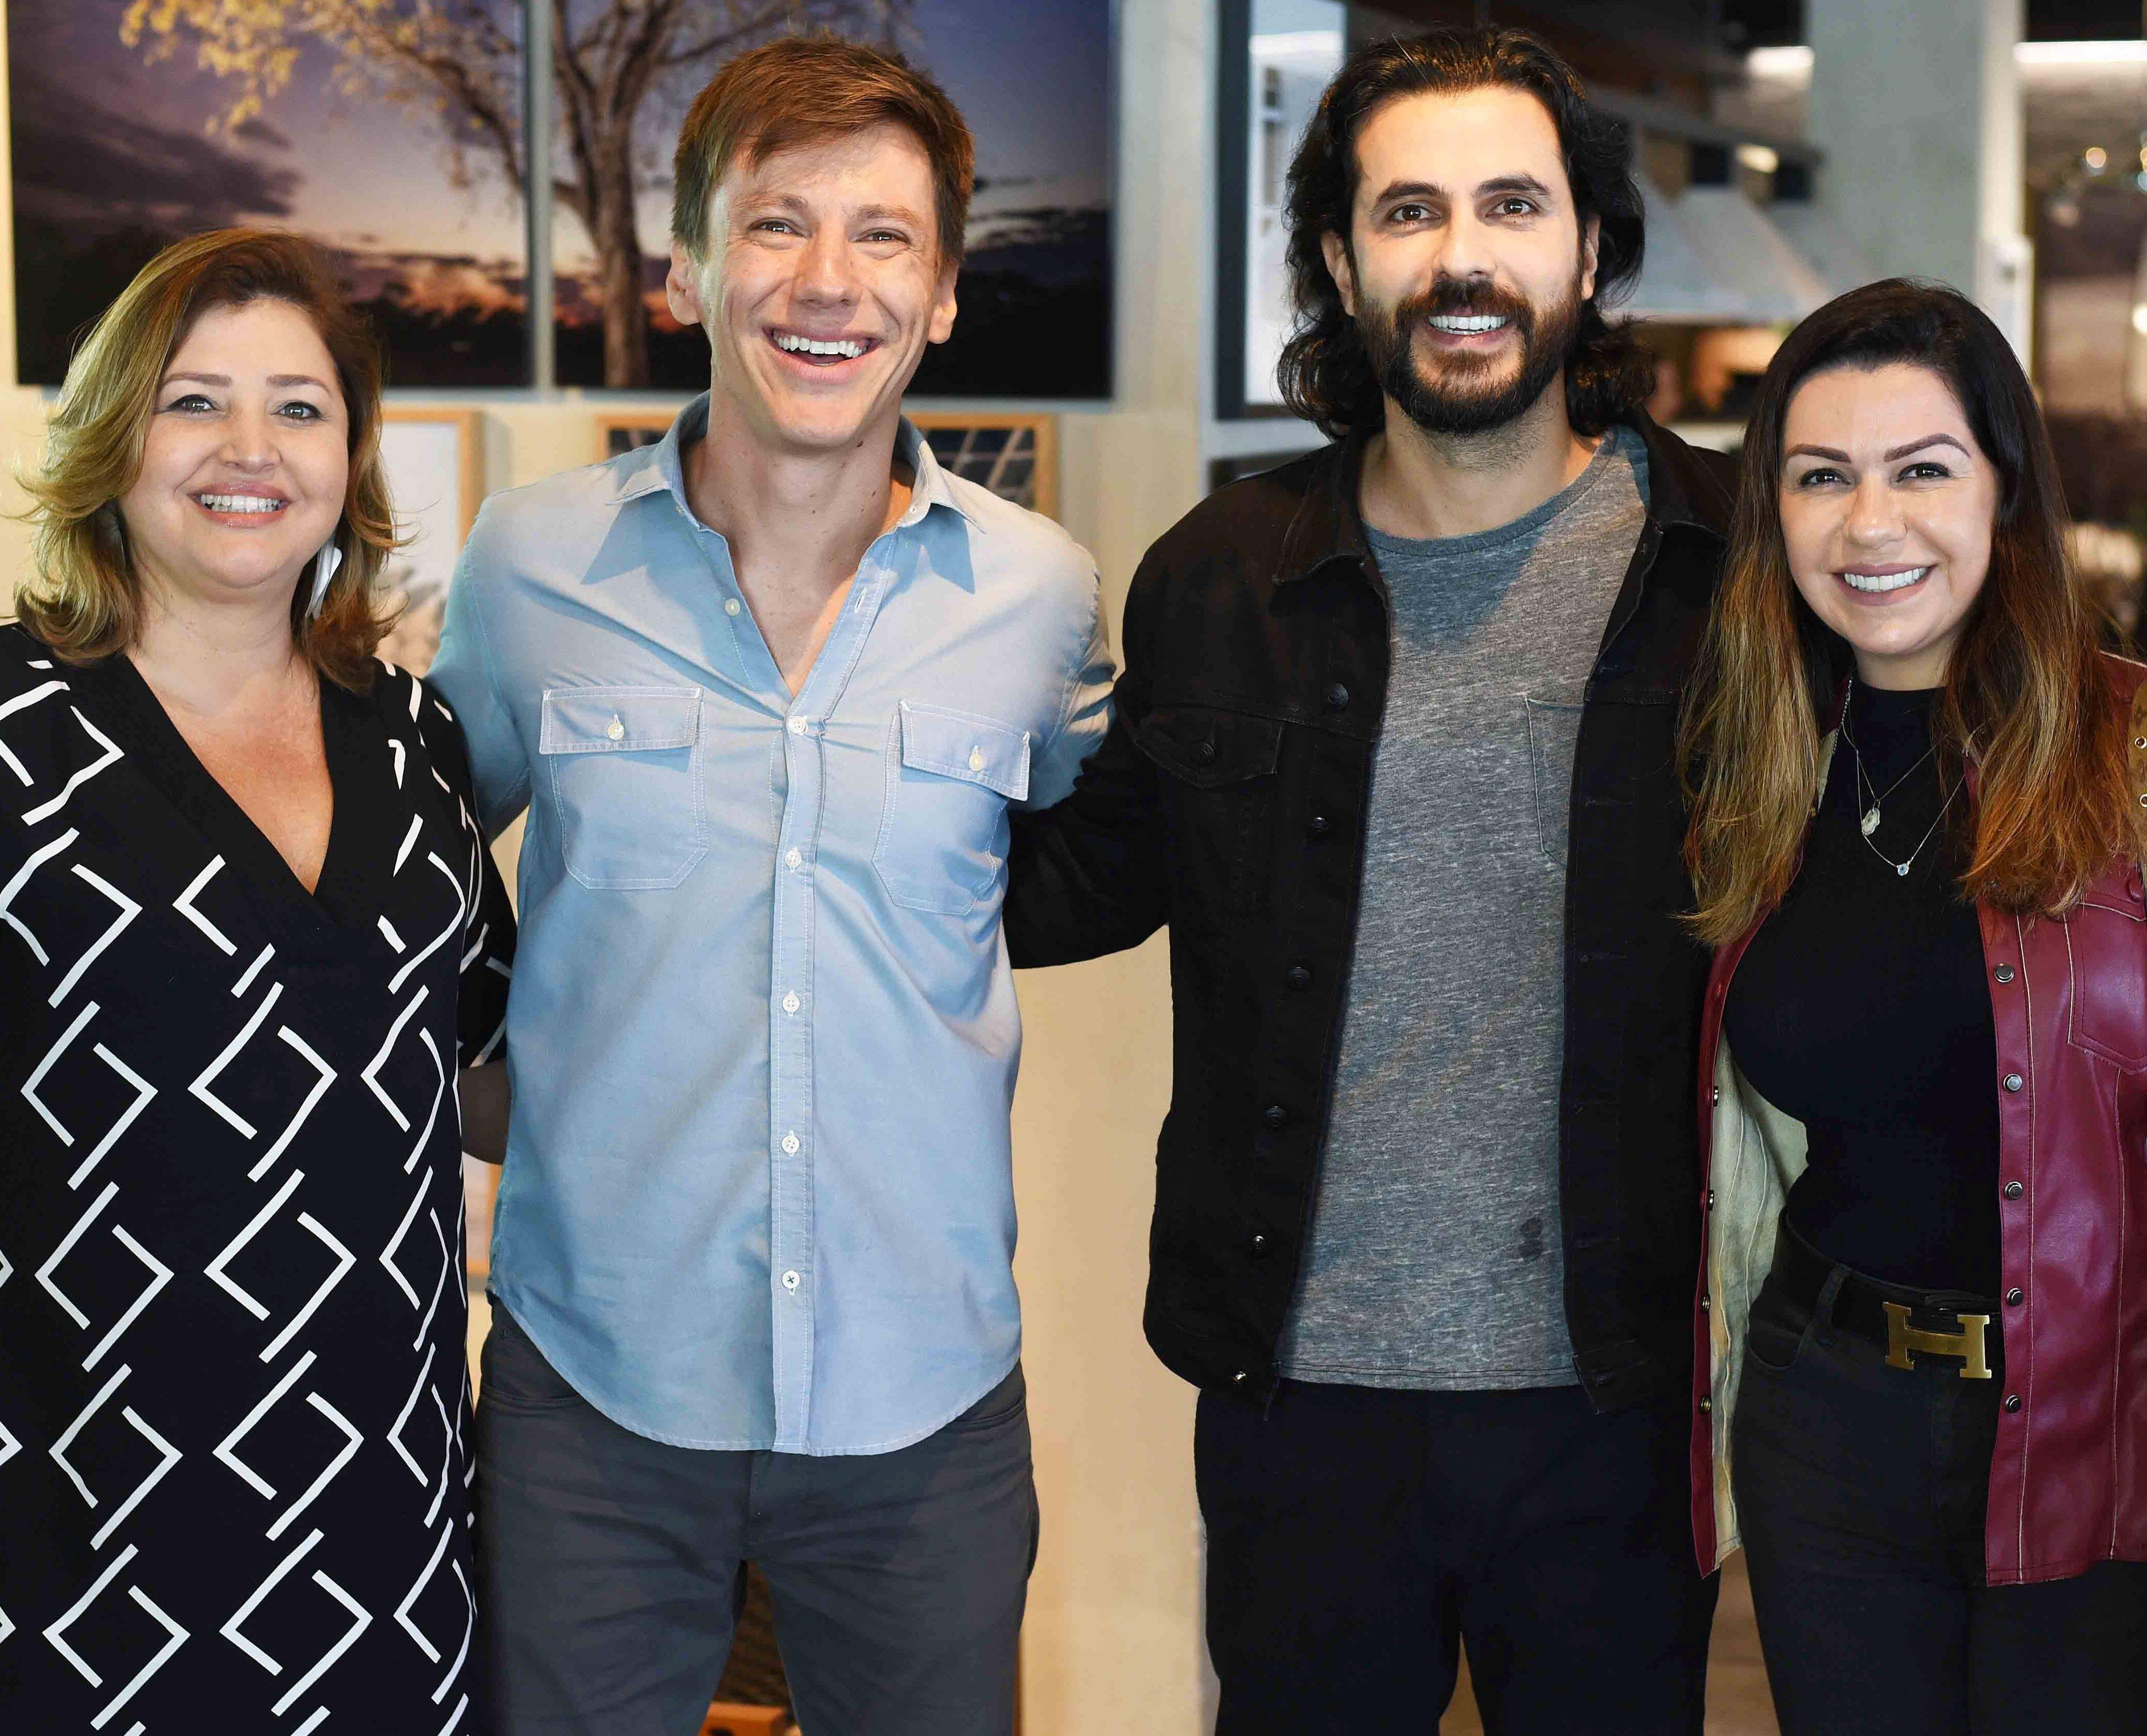 Andrea Zeitune, Felipe Suhre, Tutu Fernandes e Amanda Ambrosio  / Foto: Ari Kaye